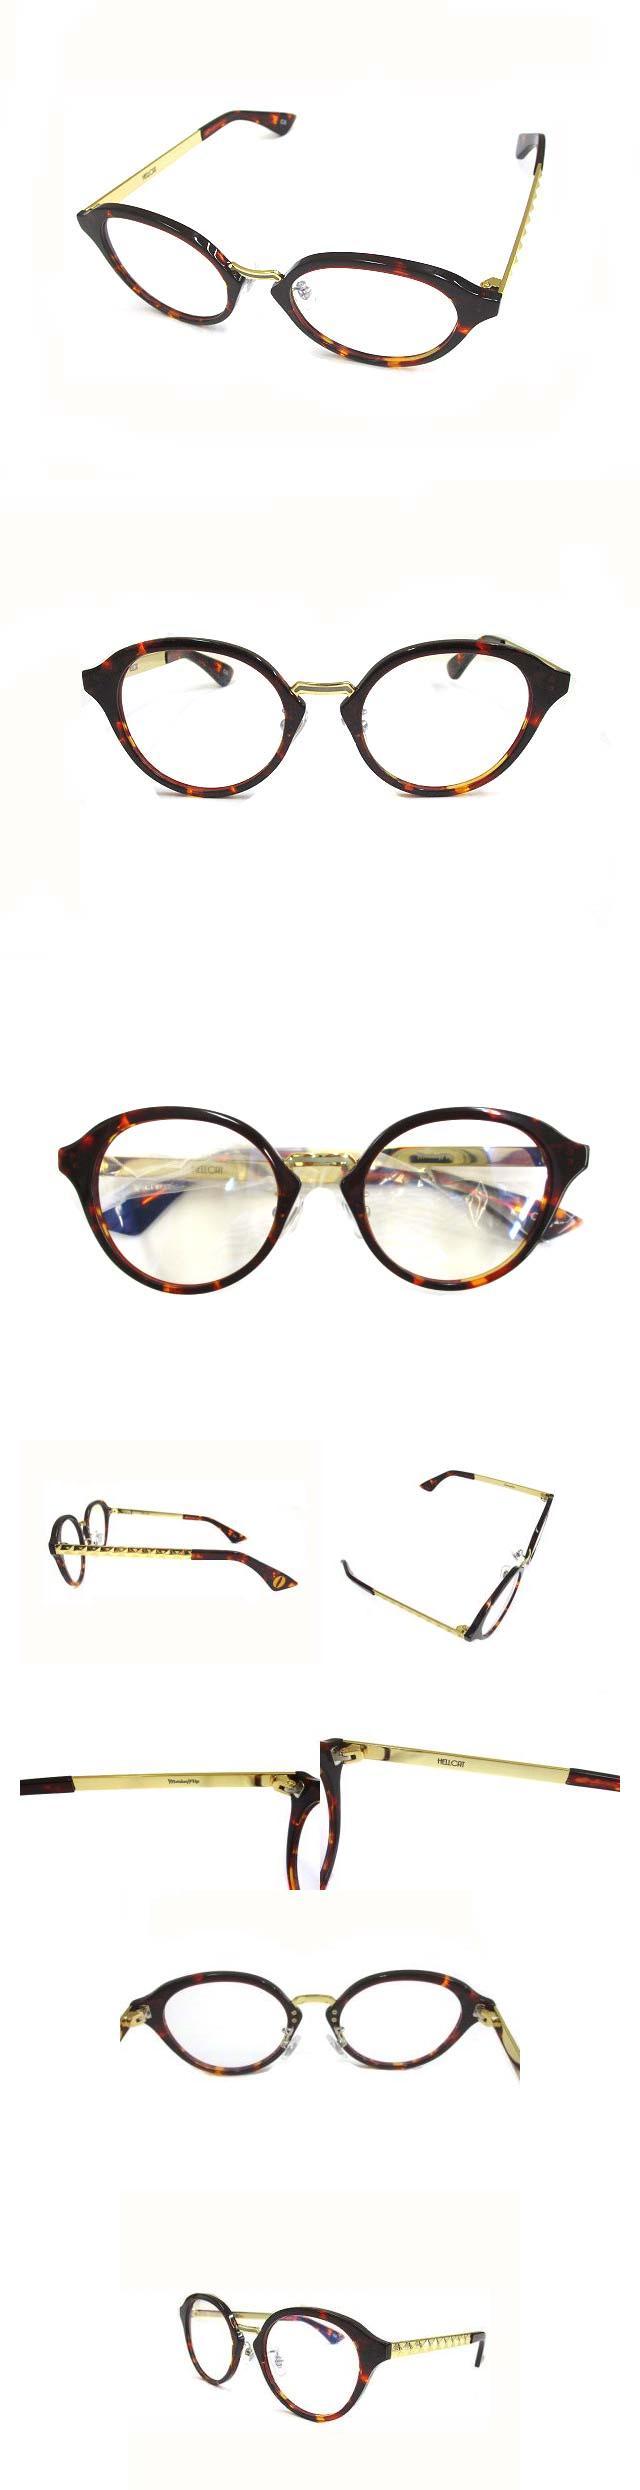 モンキーフリップ MonkeyFlip ヘルキャット HELLCAT 眼鏡 アイウェア サングラス ブラウン ゴールド